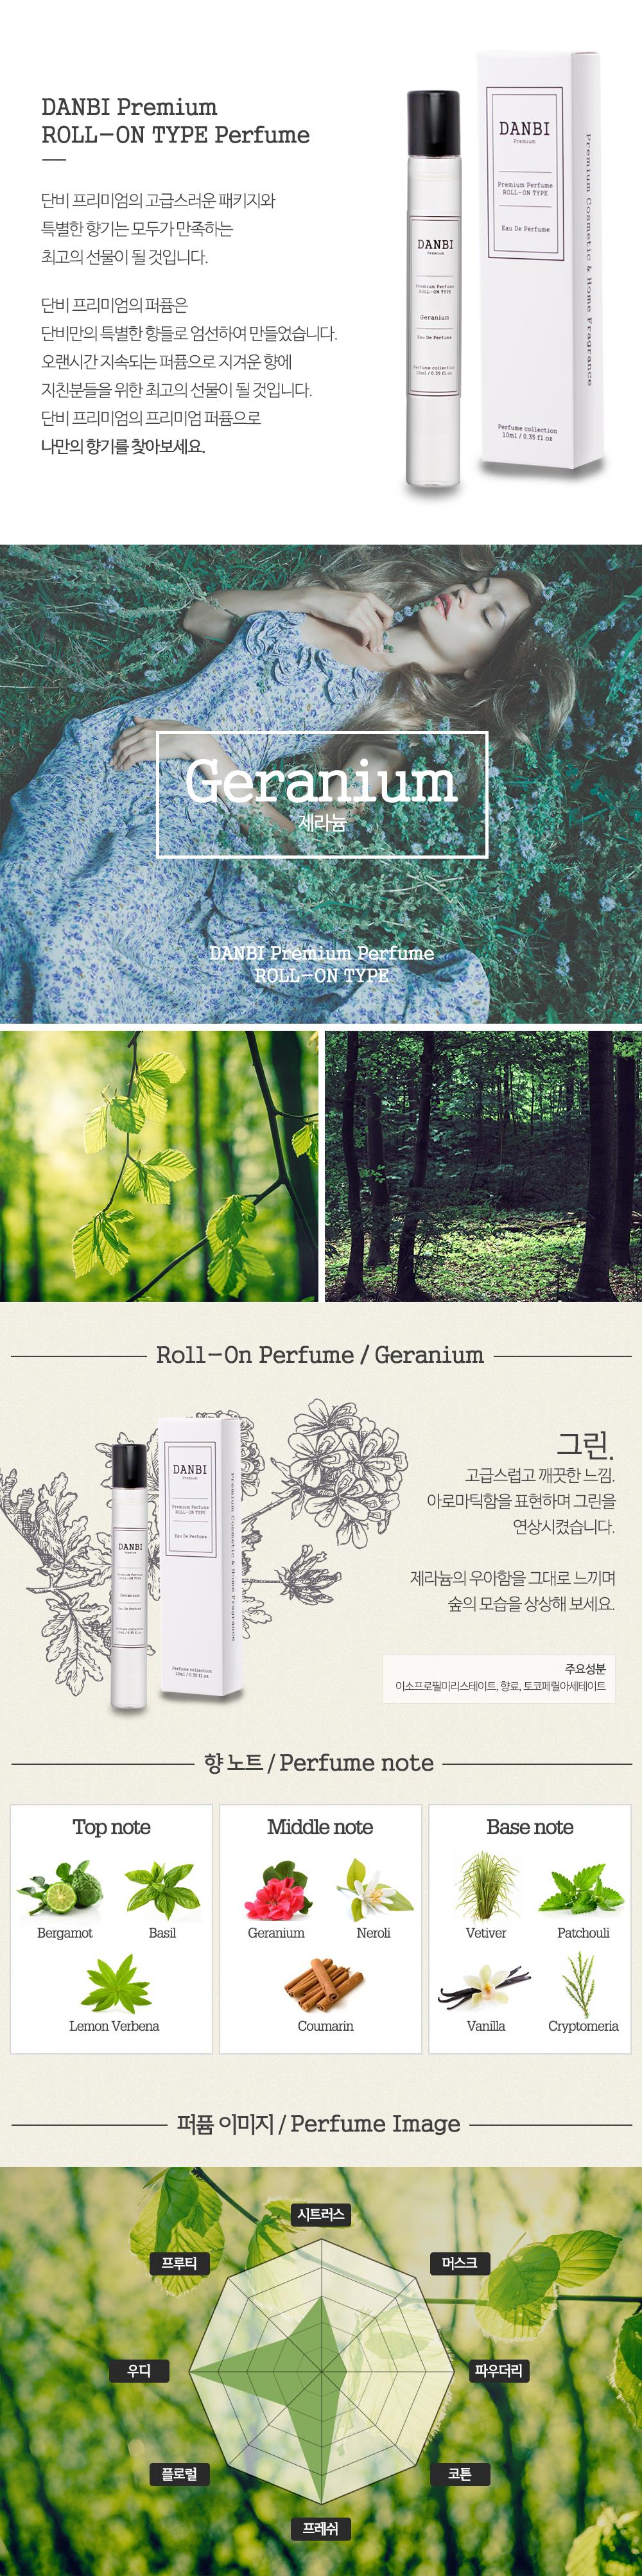 단비 프리미엄 롤온 향수 Geranium 제라늄 - 단비, 12,000원, 남성/여성향수, 여성향수